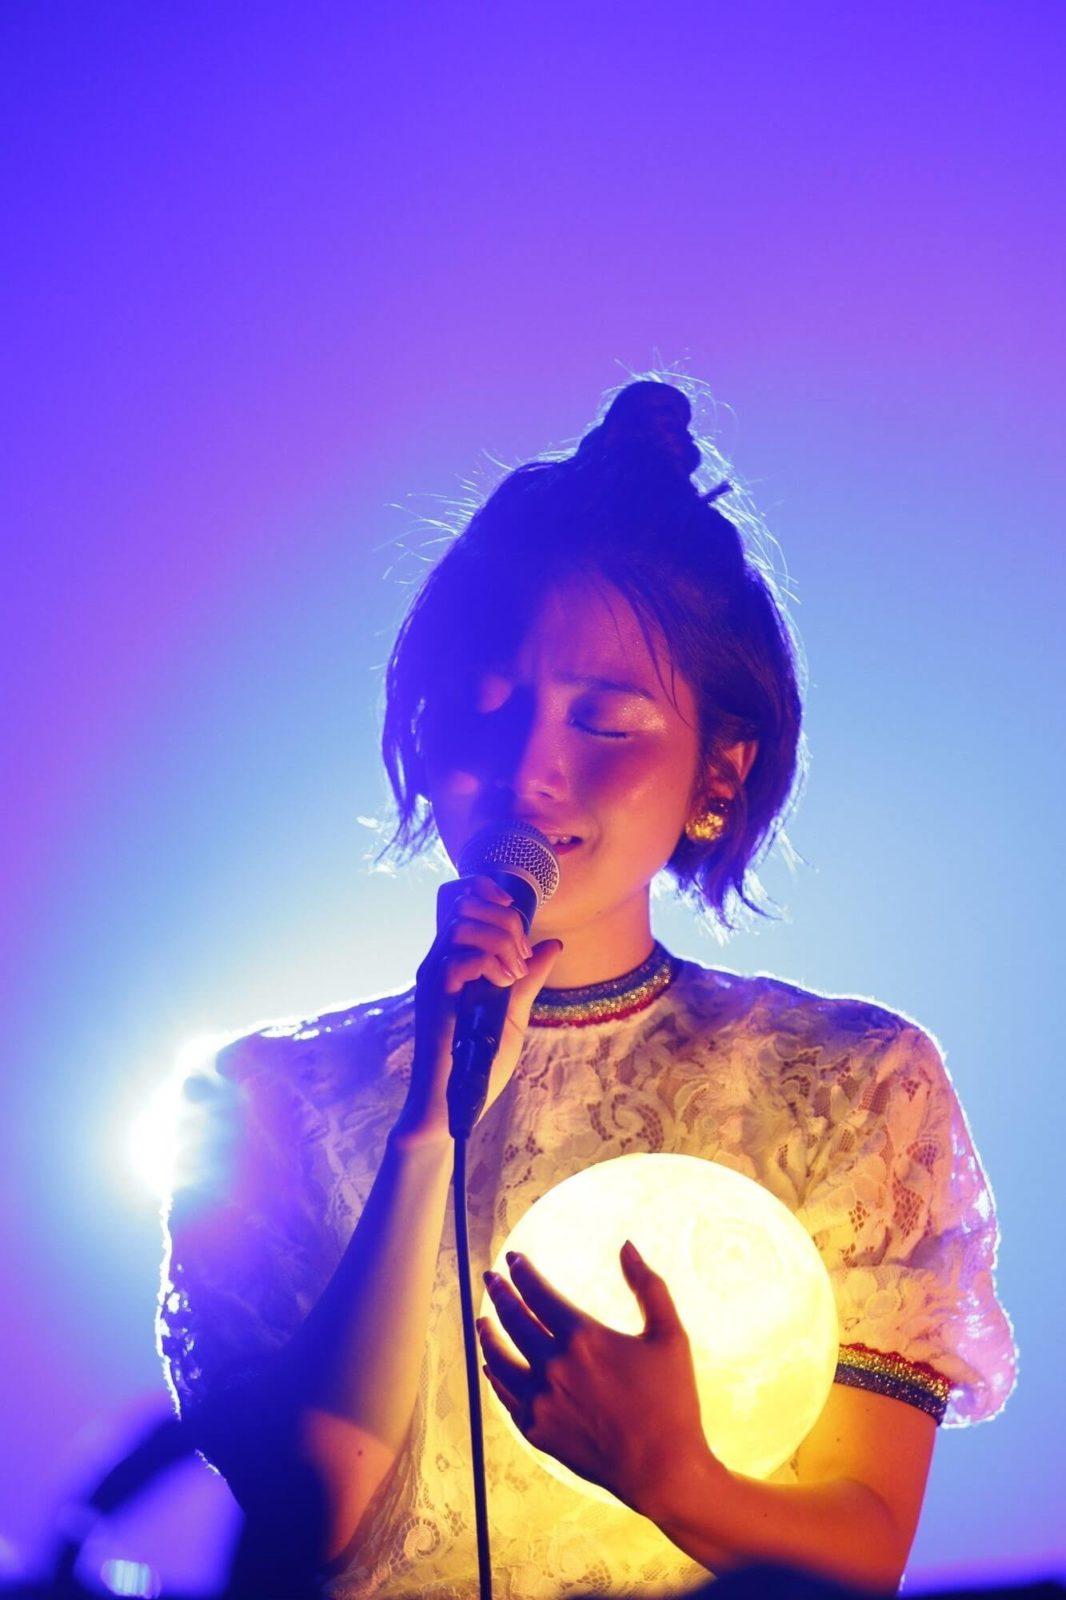 杏沙子 東阪ワンマンライブ・ファイナル東京公演で2019年の1stアルバムリリース&ツアー発表サムネイル画像